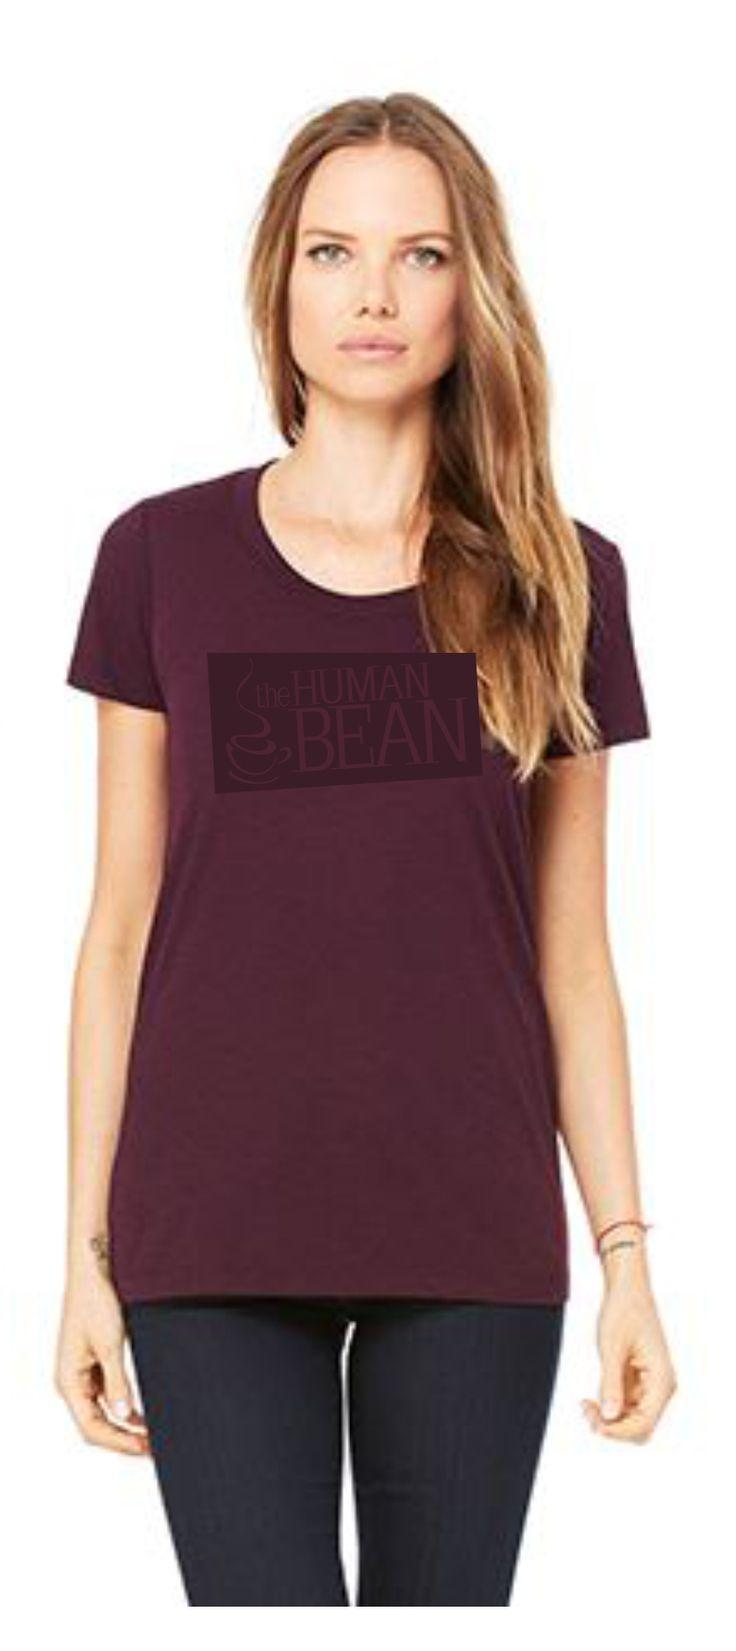 Design your own t shirt europe - Human Bean Logo Ladies Tee